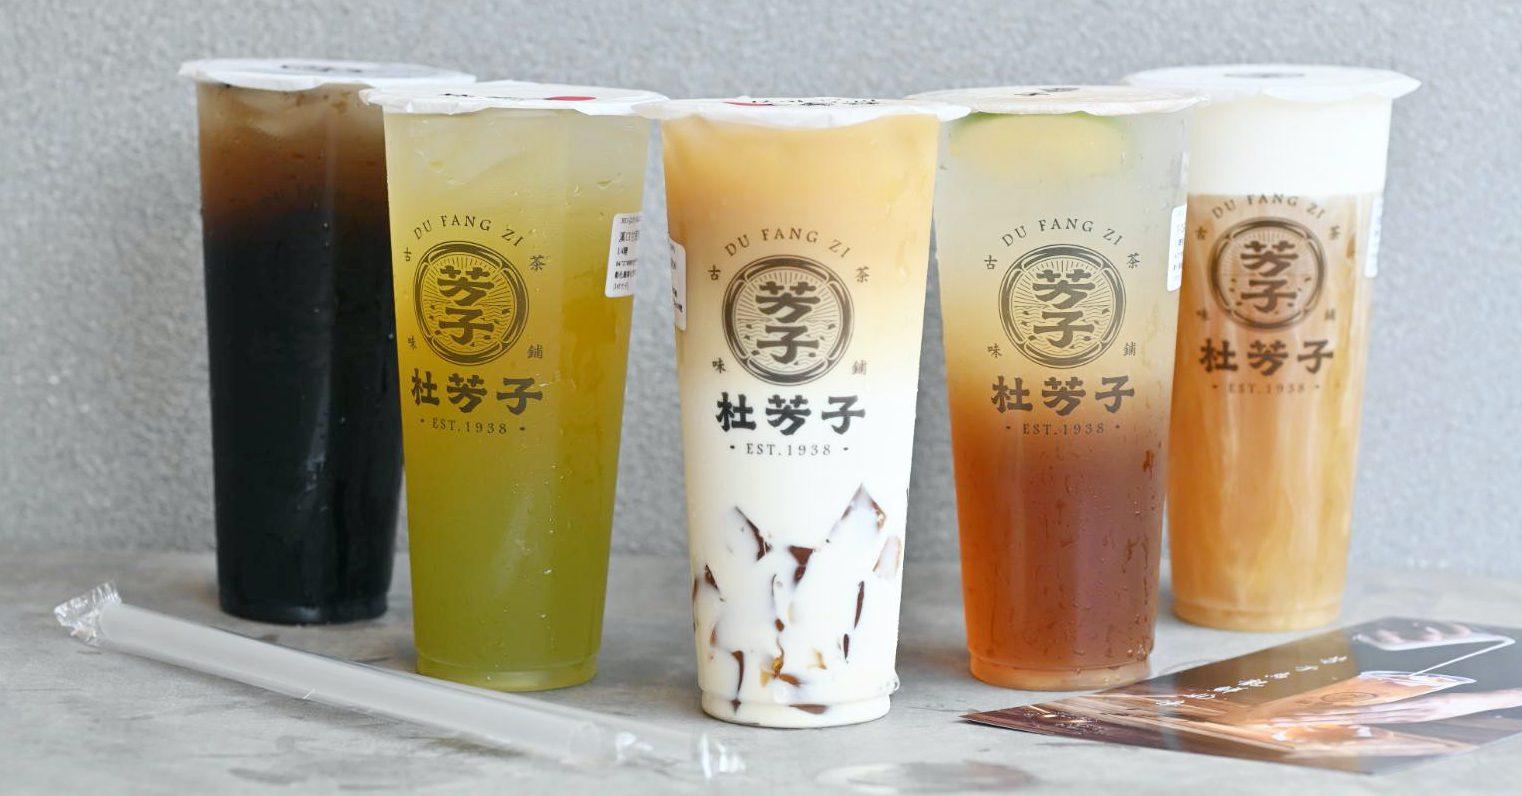 即時熱門文章:【彰化美食】杜芳子古味茶鋪,烏龍鮮奶凍是無敵的 (菜單)